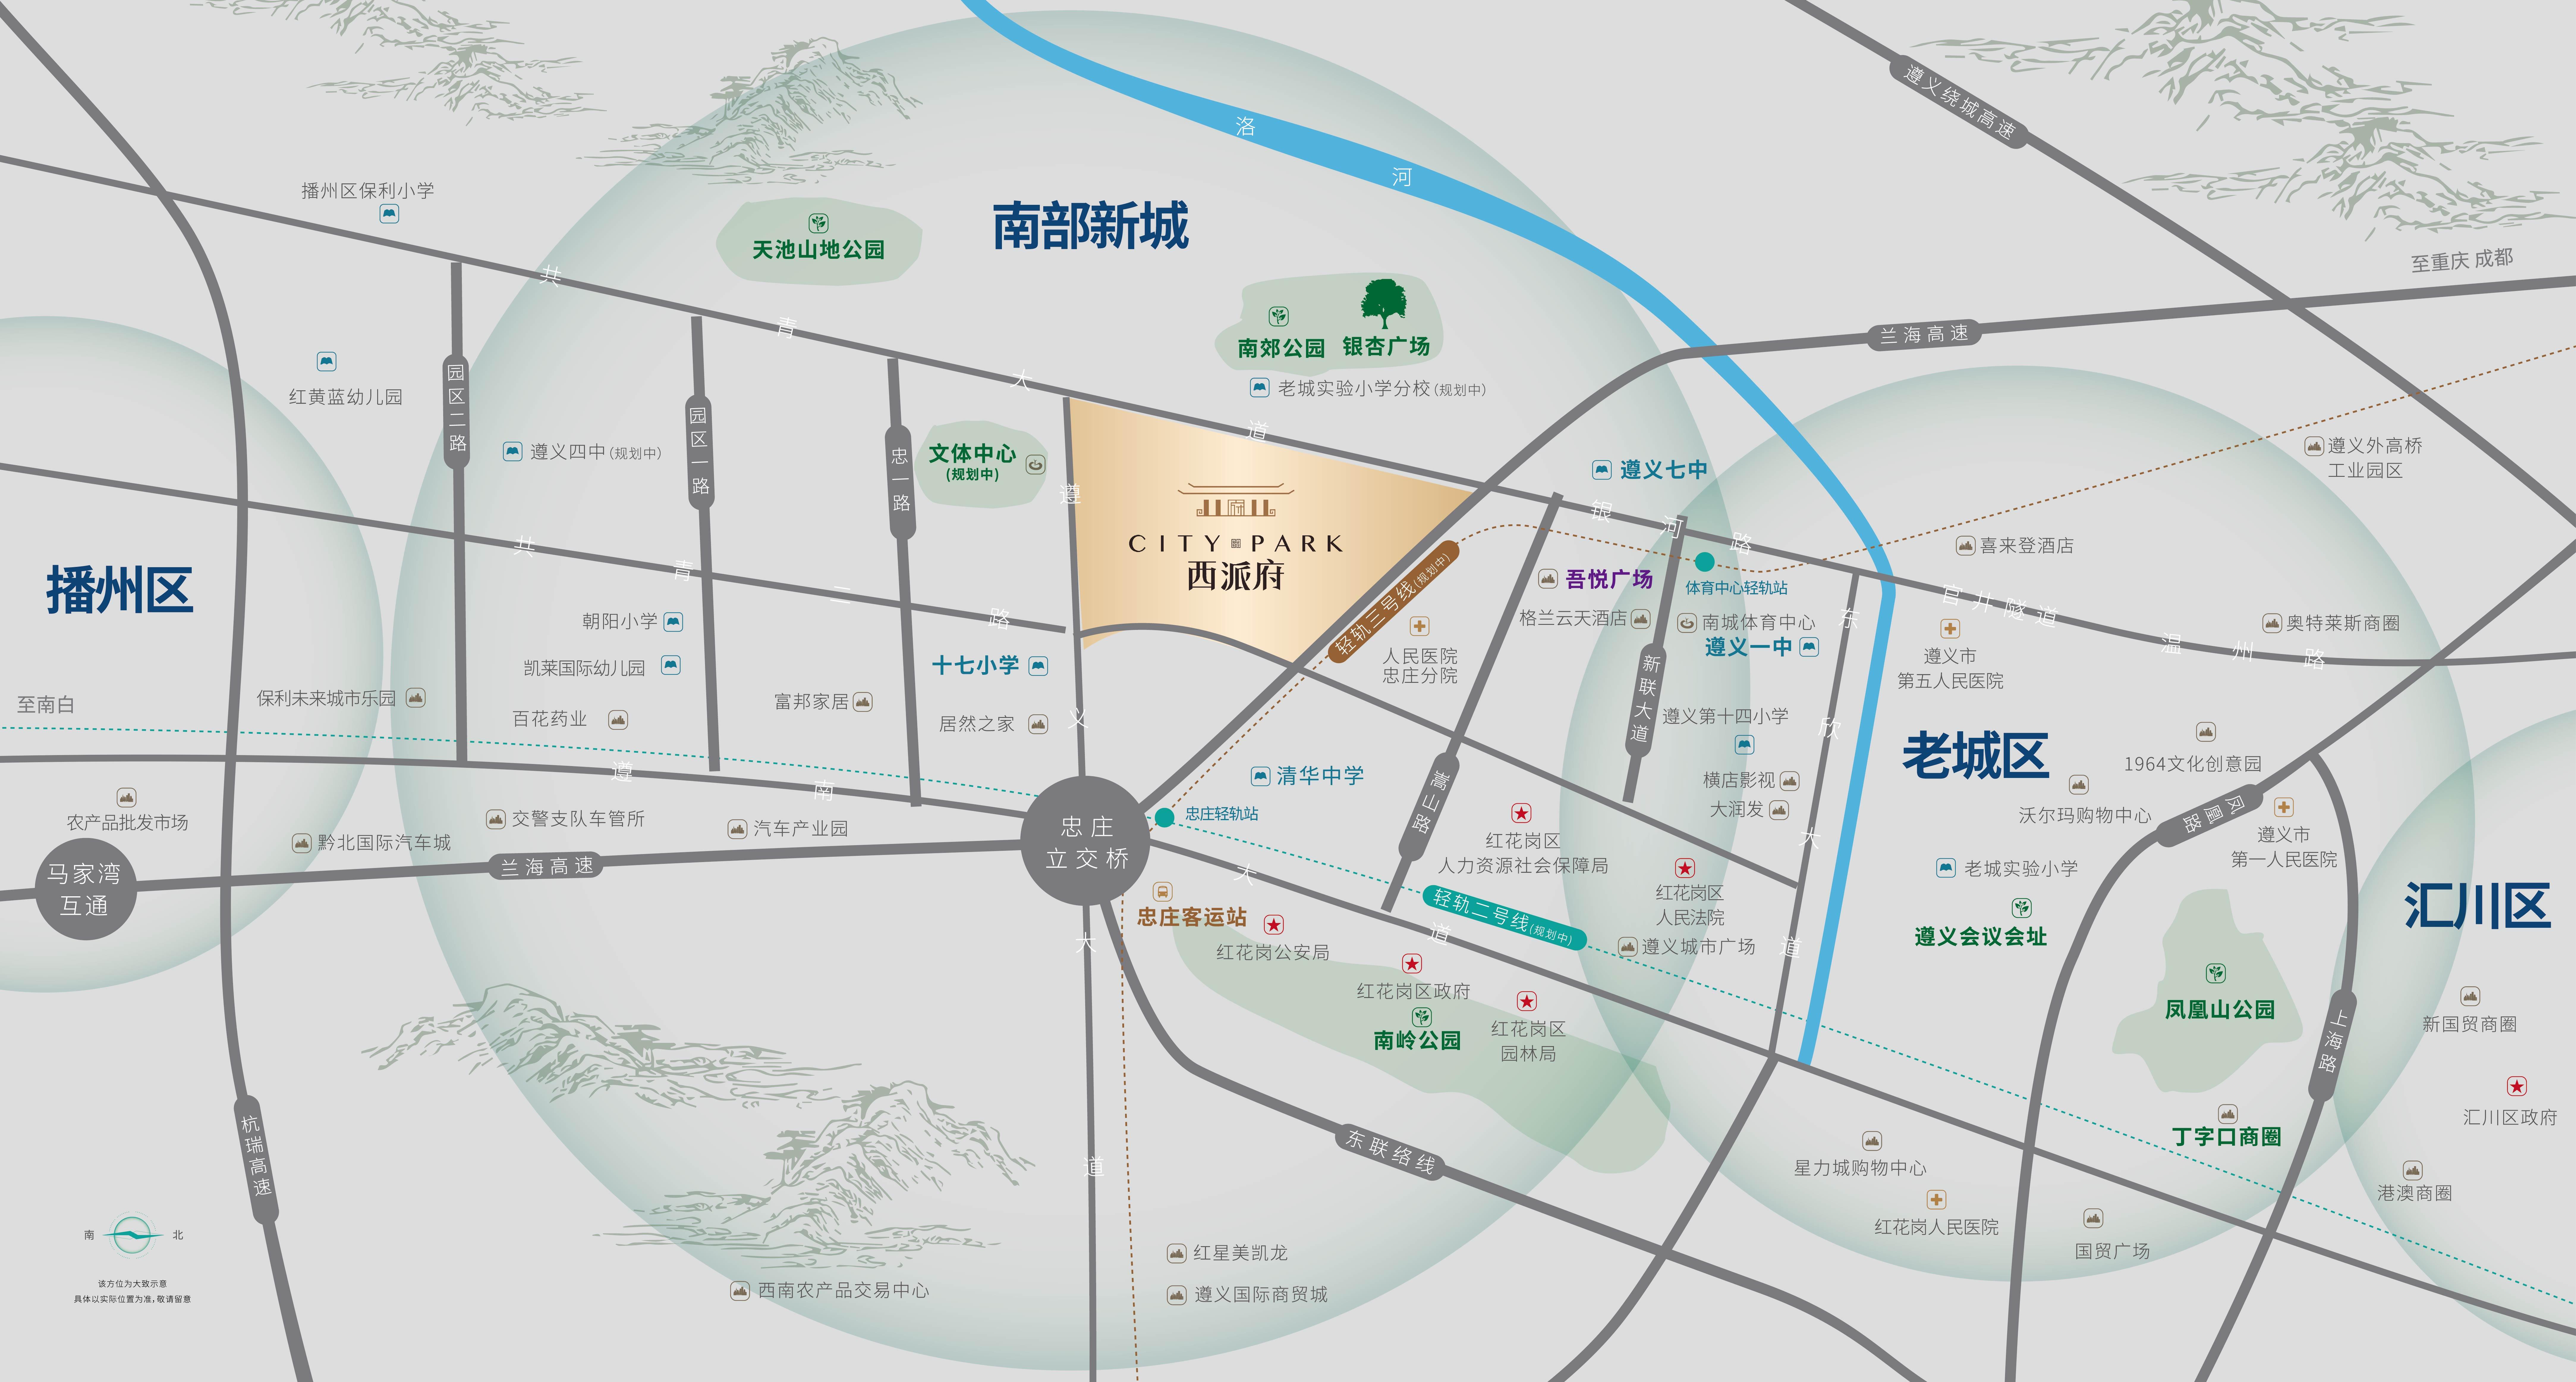 西派艺术 红城首献 | 遵义西派府 包揽万象璀璨-中国网地产